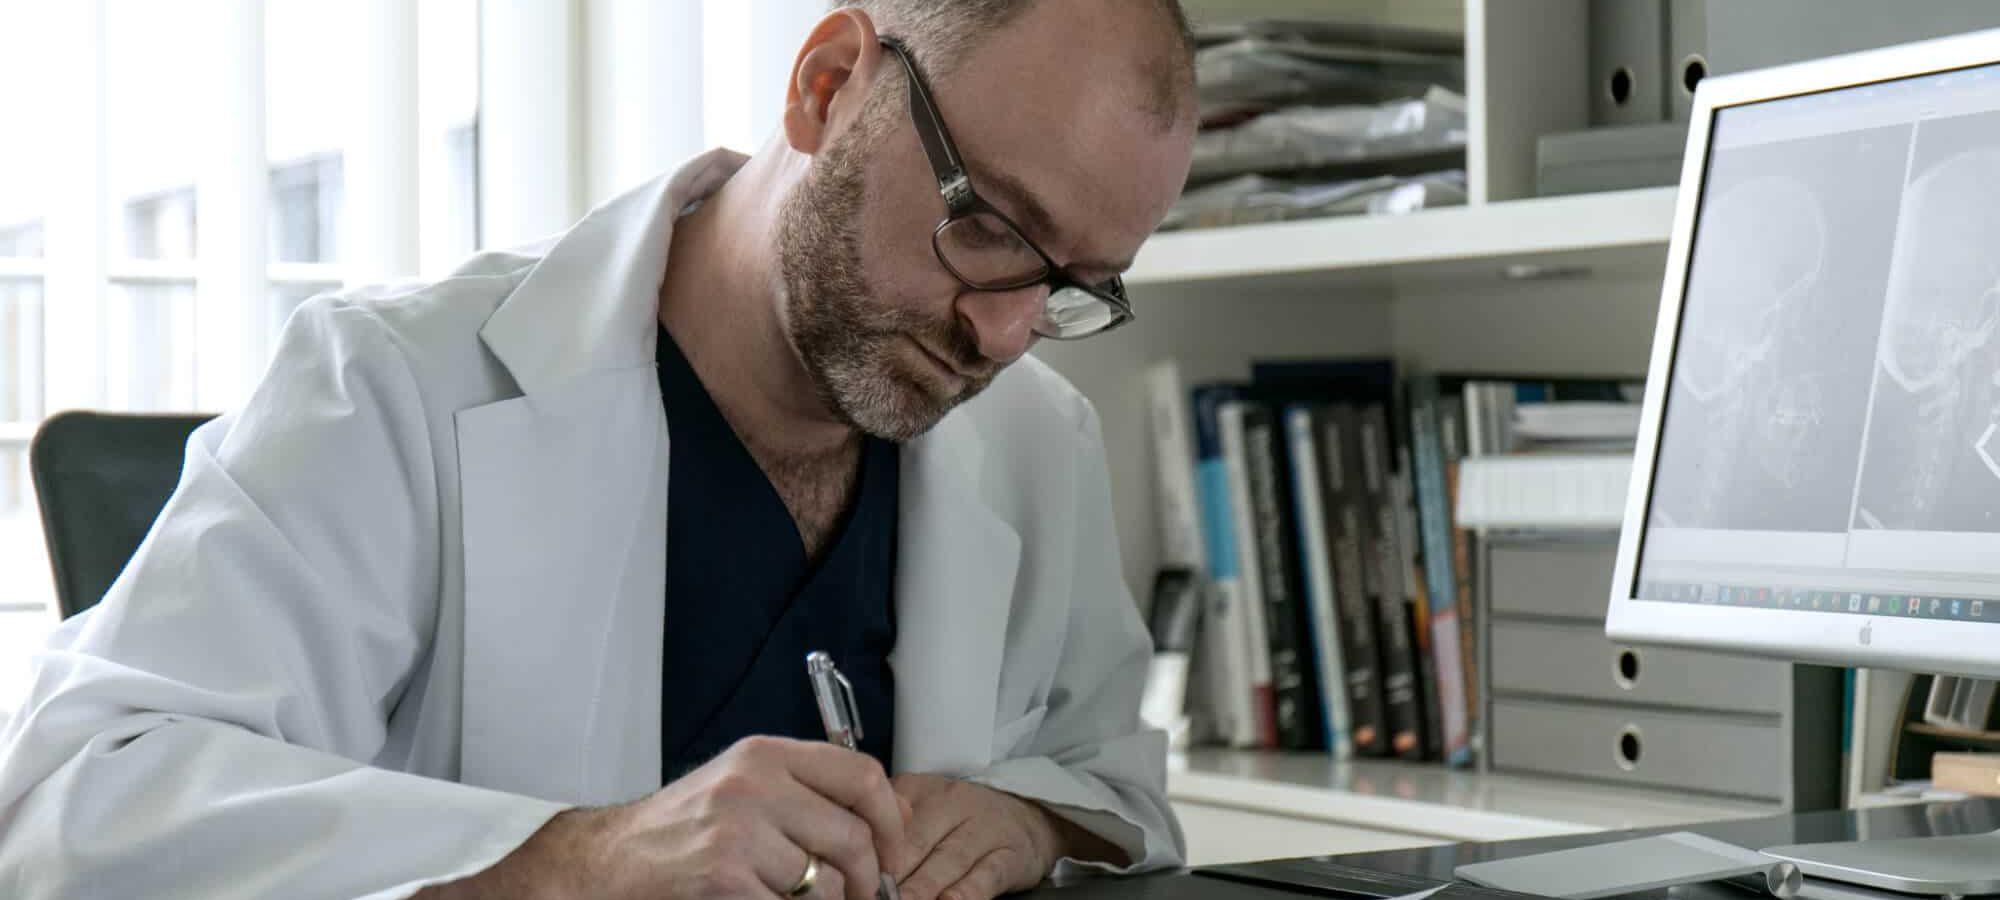 Dr. Groisman Implantologe   groisman & laube Frankfurt